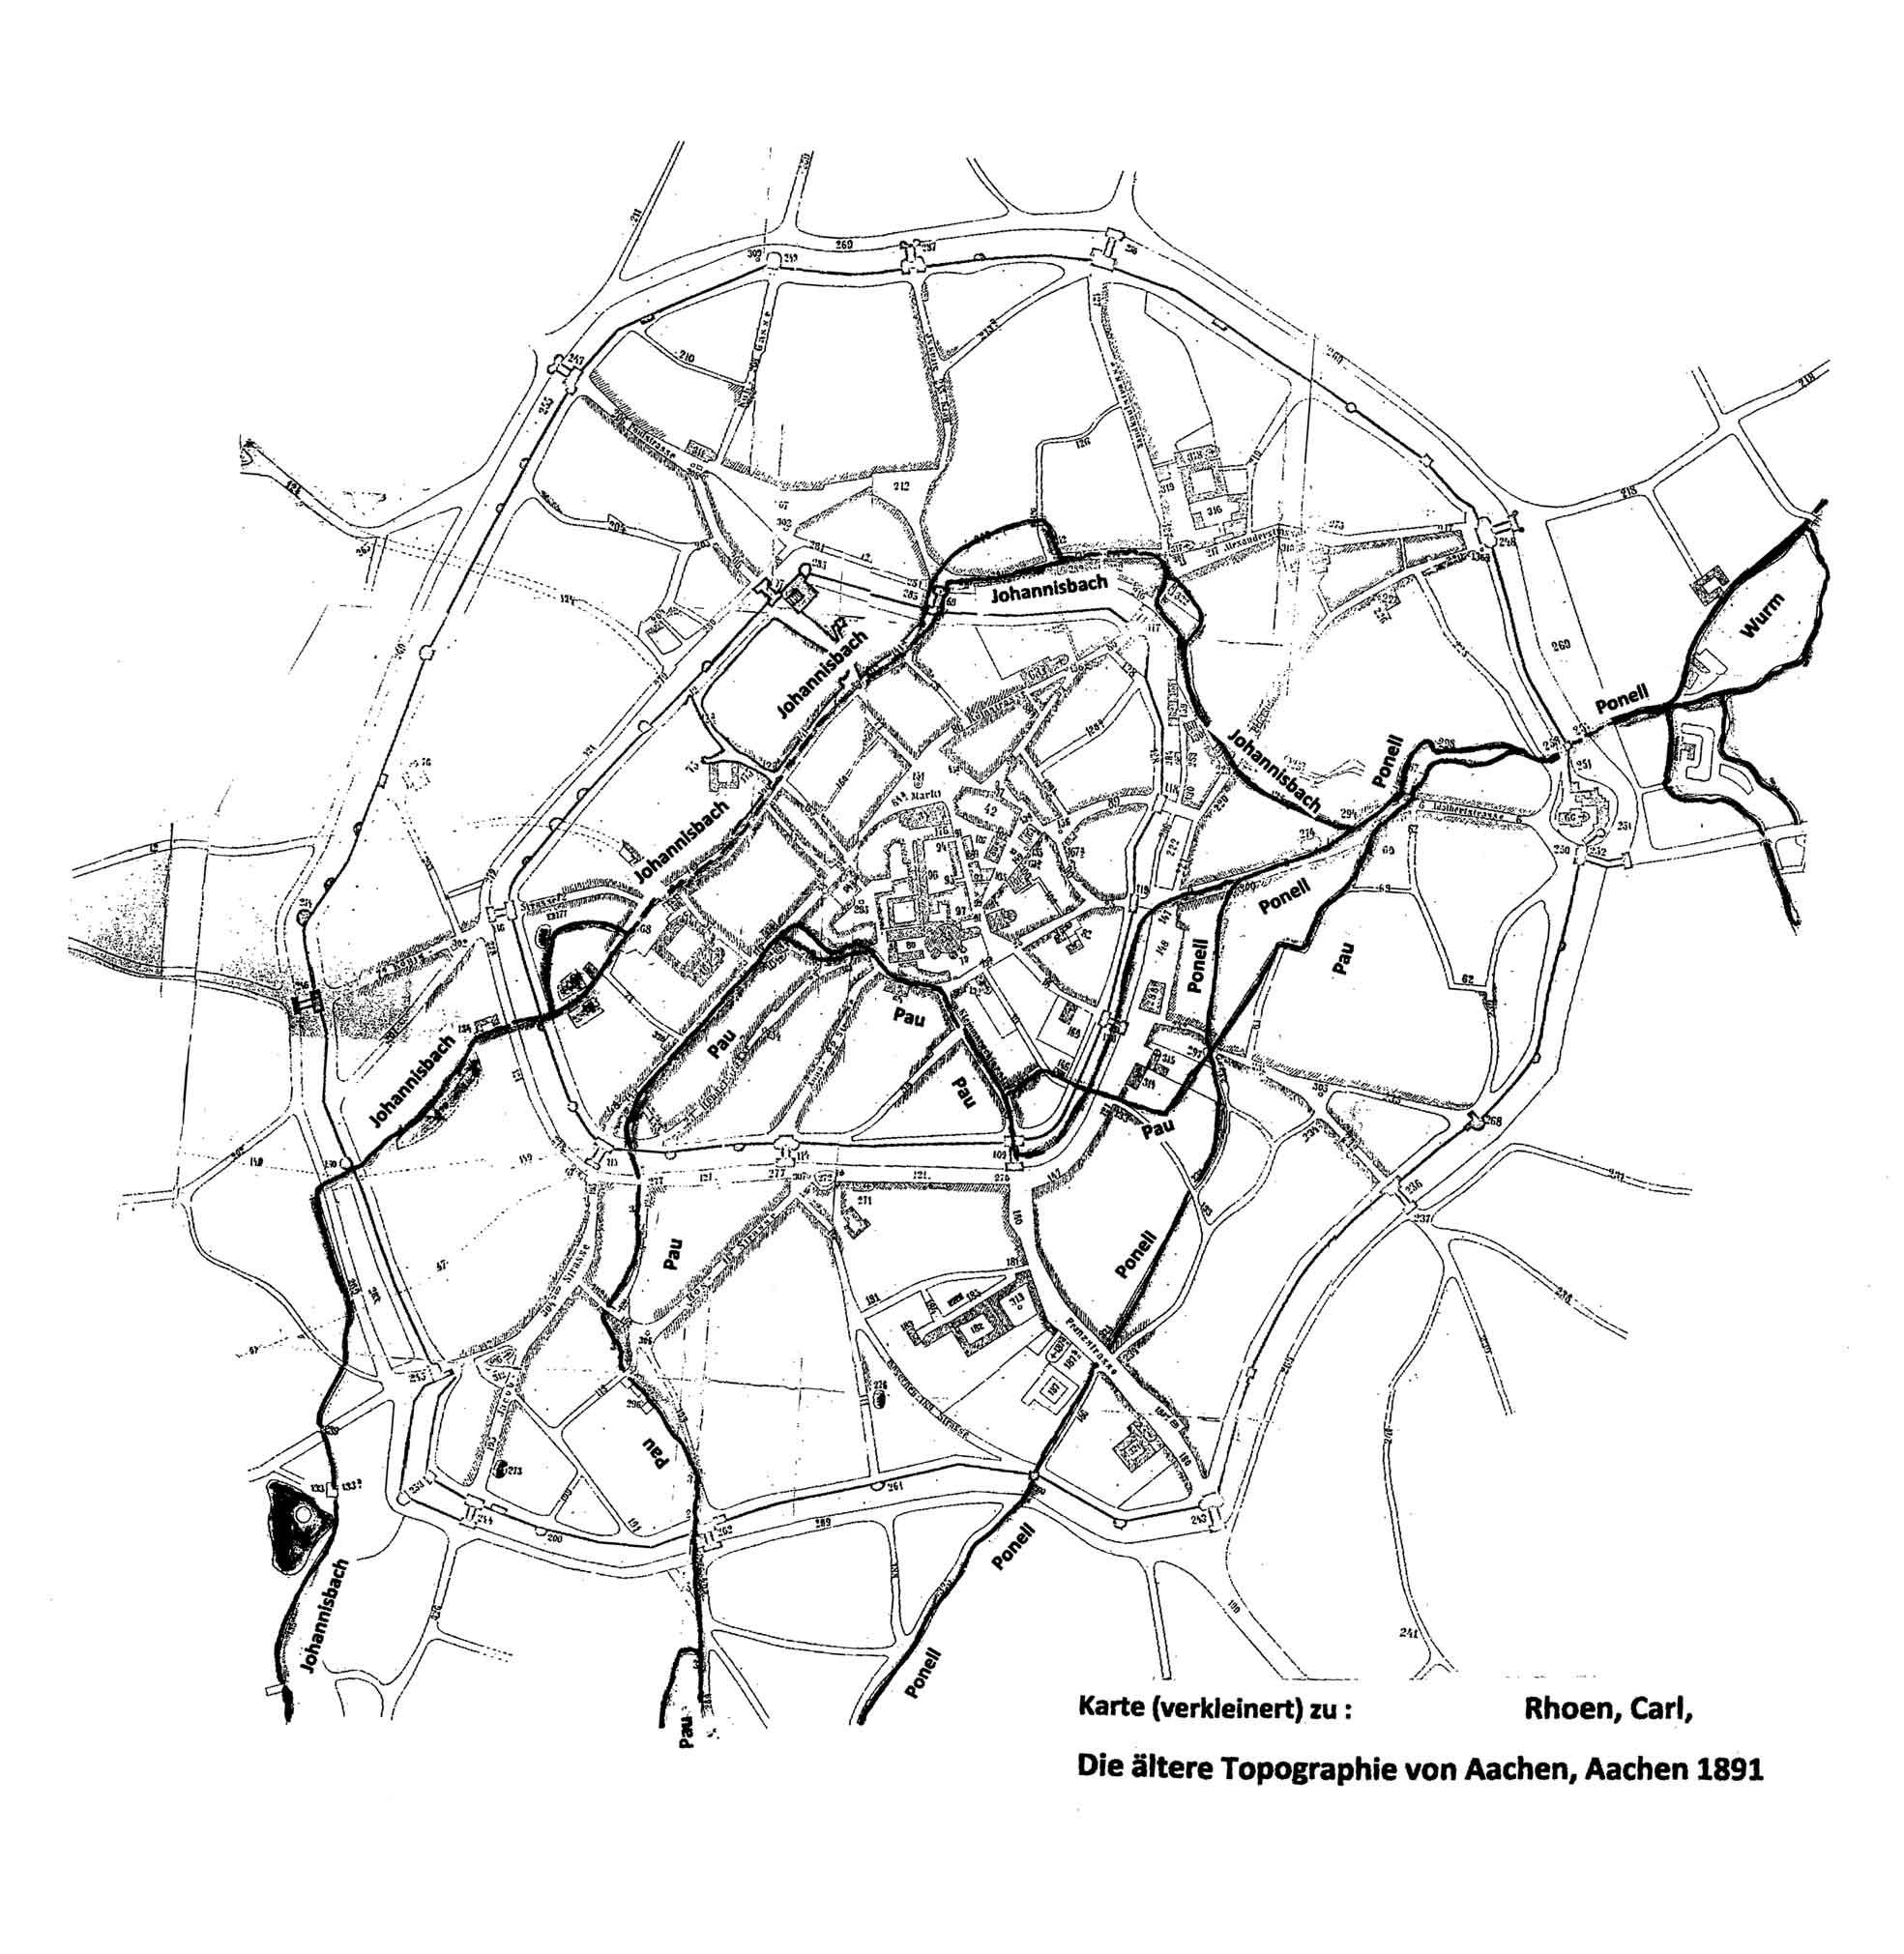 aachen karte File:Rhoen Die Aeltere Topographie von Aachen Karte.